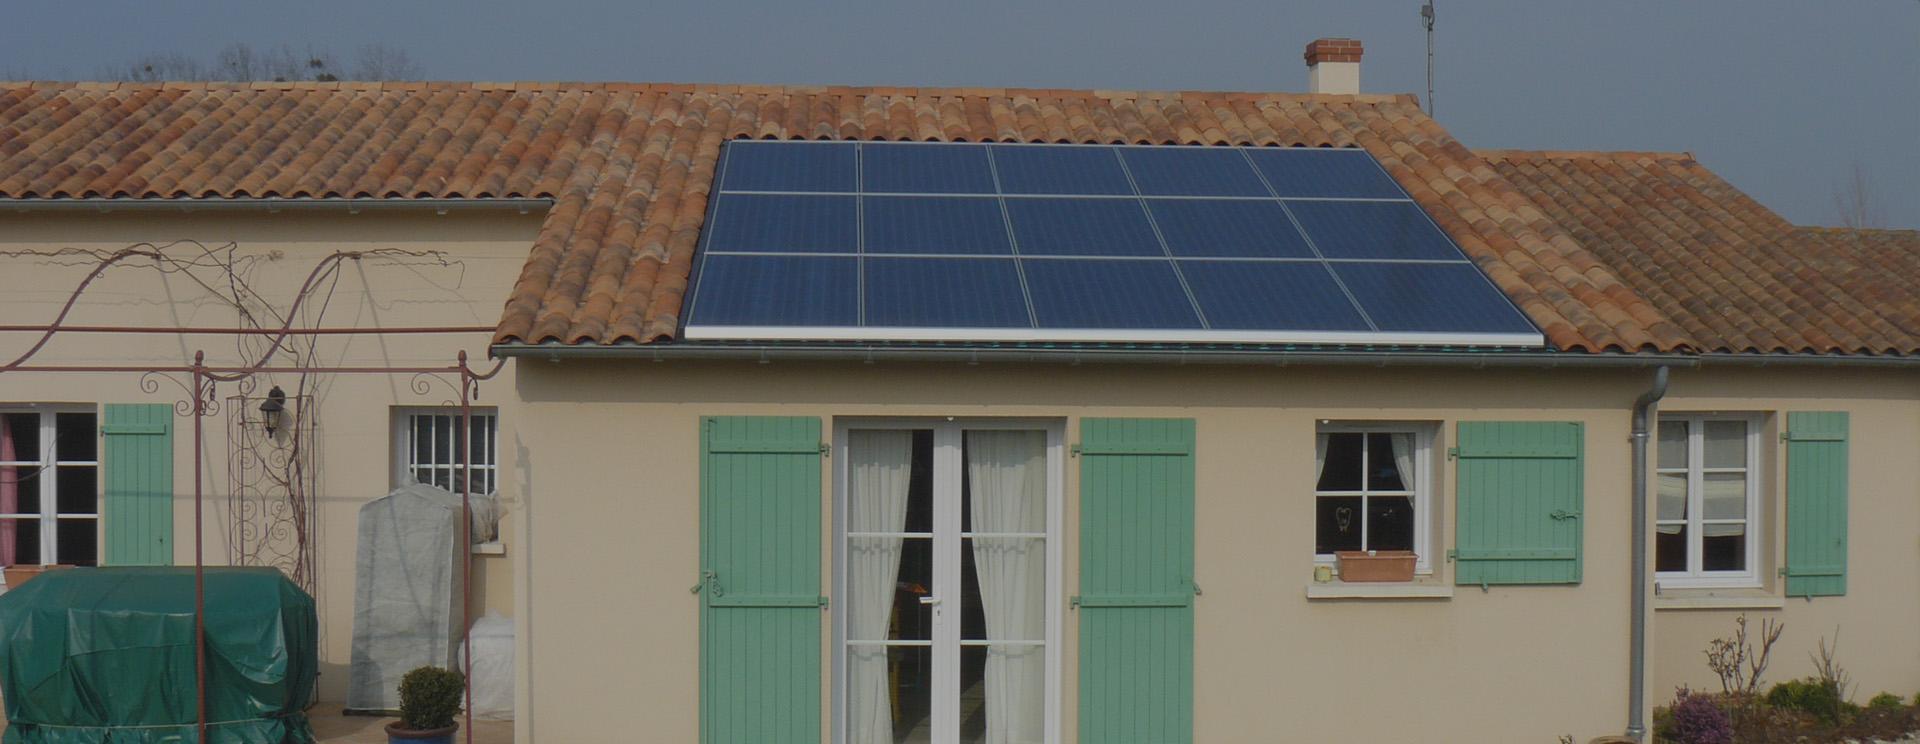 Photovoltaique solaire pompe chaleur poitiers